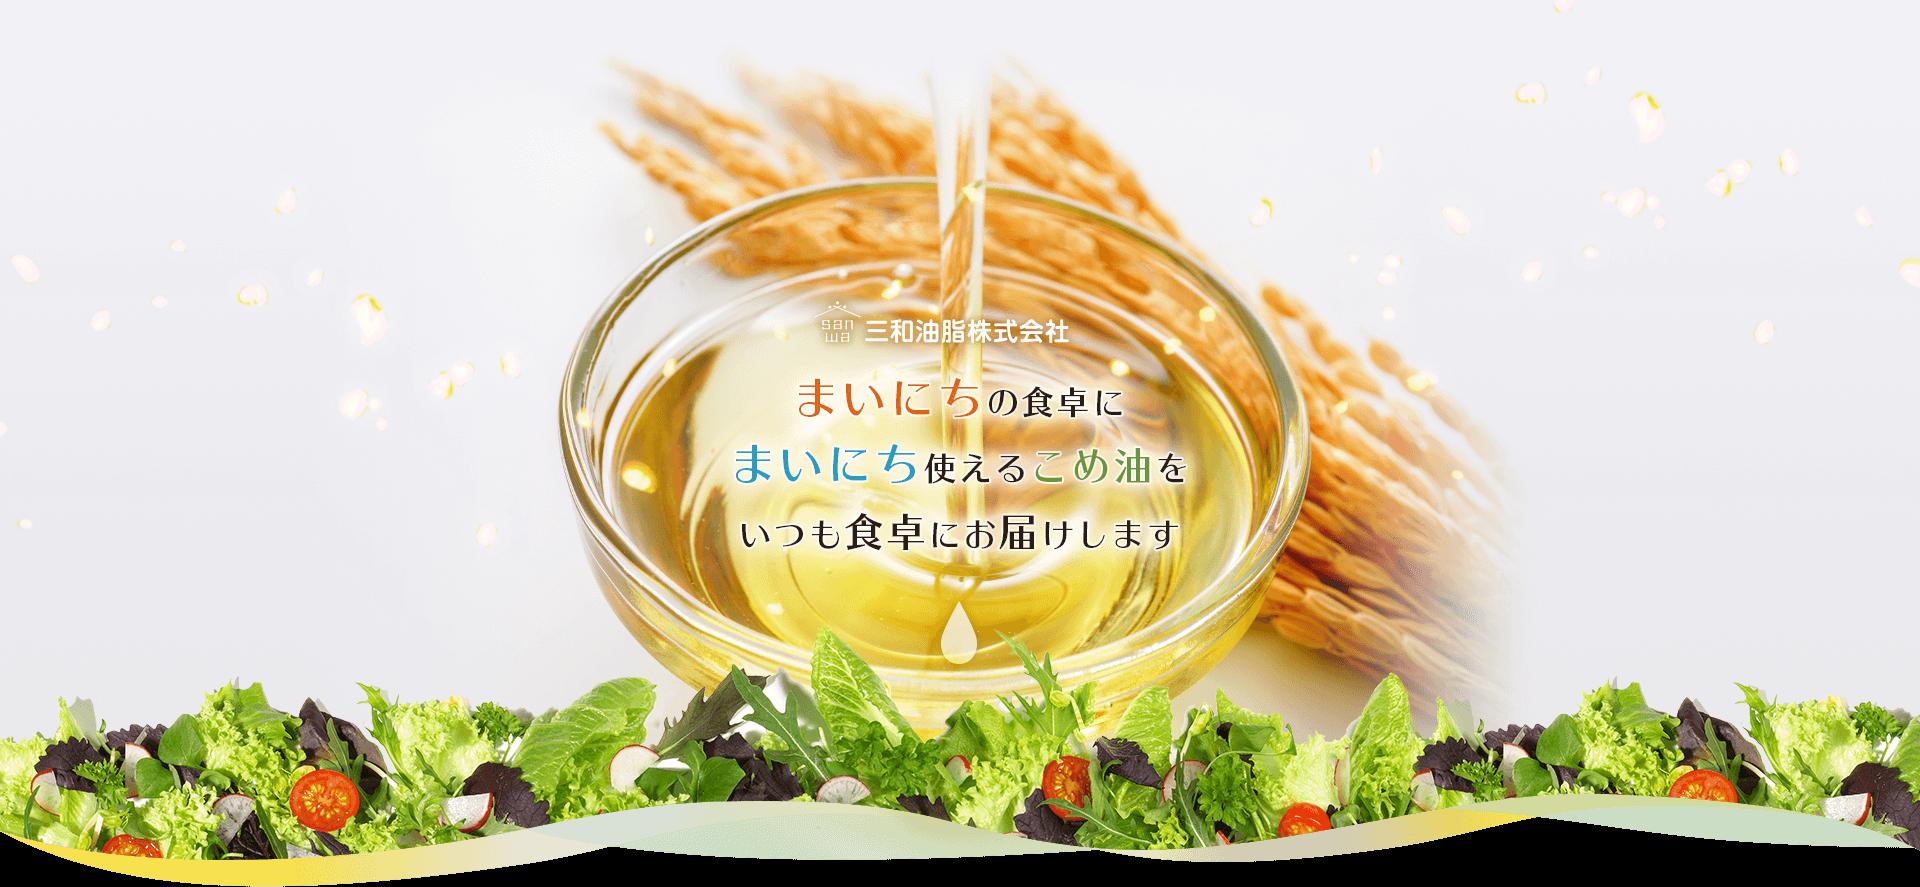 栄養価の高い米油で食卓から家族を健康的に【三和油脂株式会社】